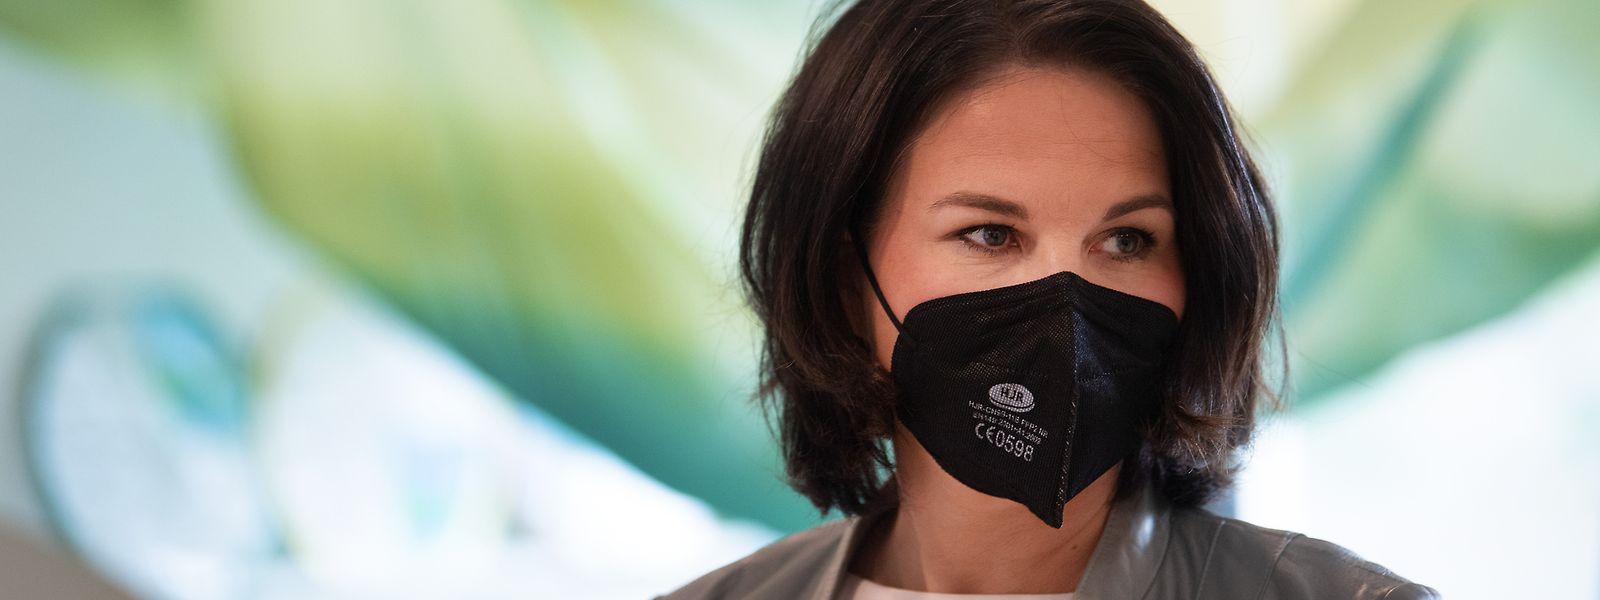 Die grüne Kanzlerkandidatin Annalena Baerbock muss mit Zwist in den eigenen Reihen umgehen.